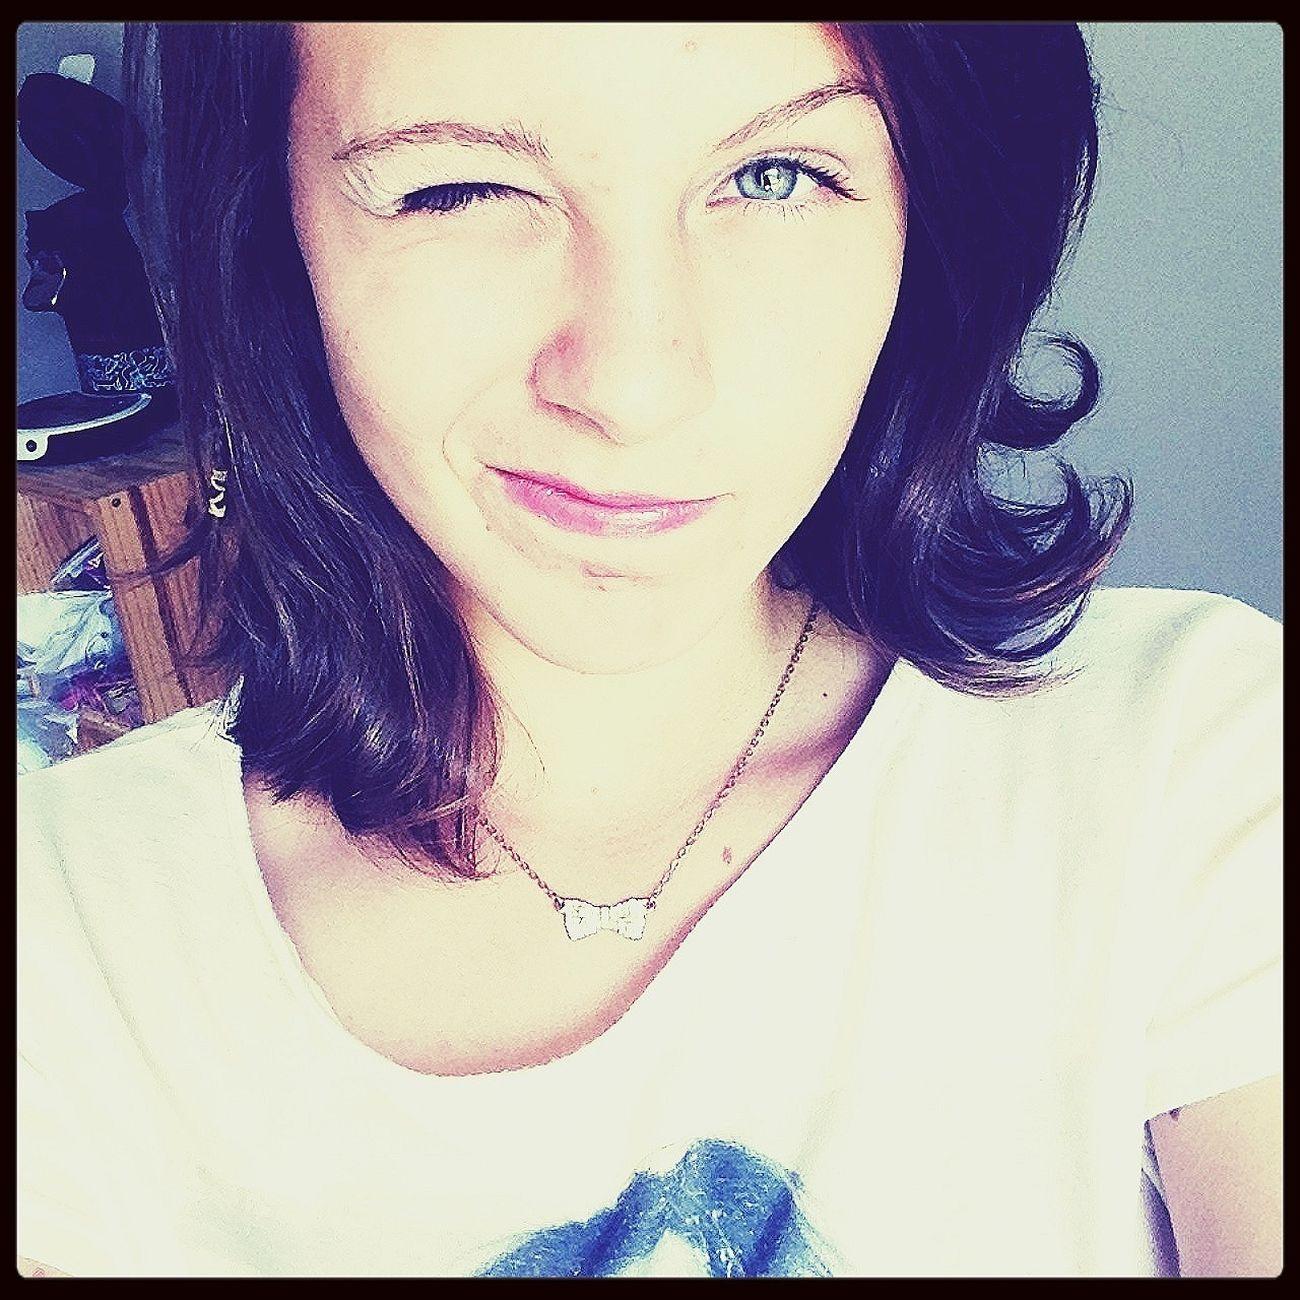 Maintenant je maudit le jour où je t'ai rencontré, j'aurais pas dû te regarder... Fashion #beautuful #hair #eyes #blue #hi #nice #cute #pink #love